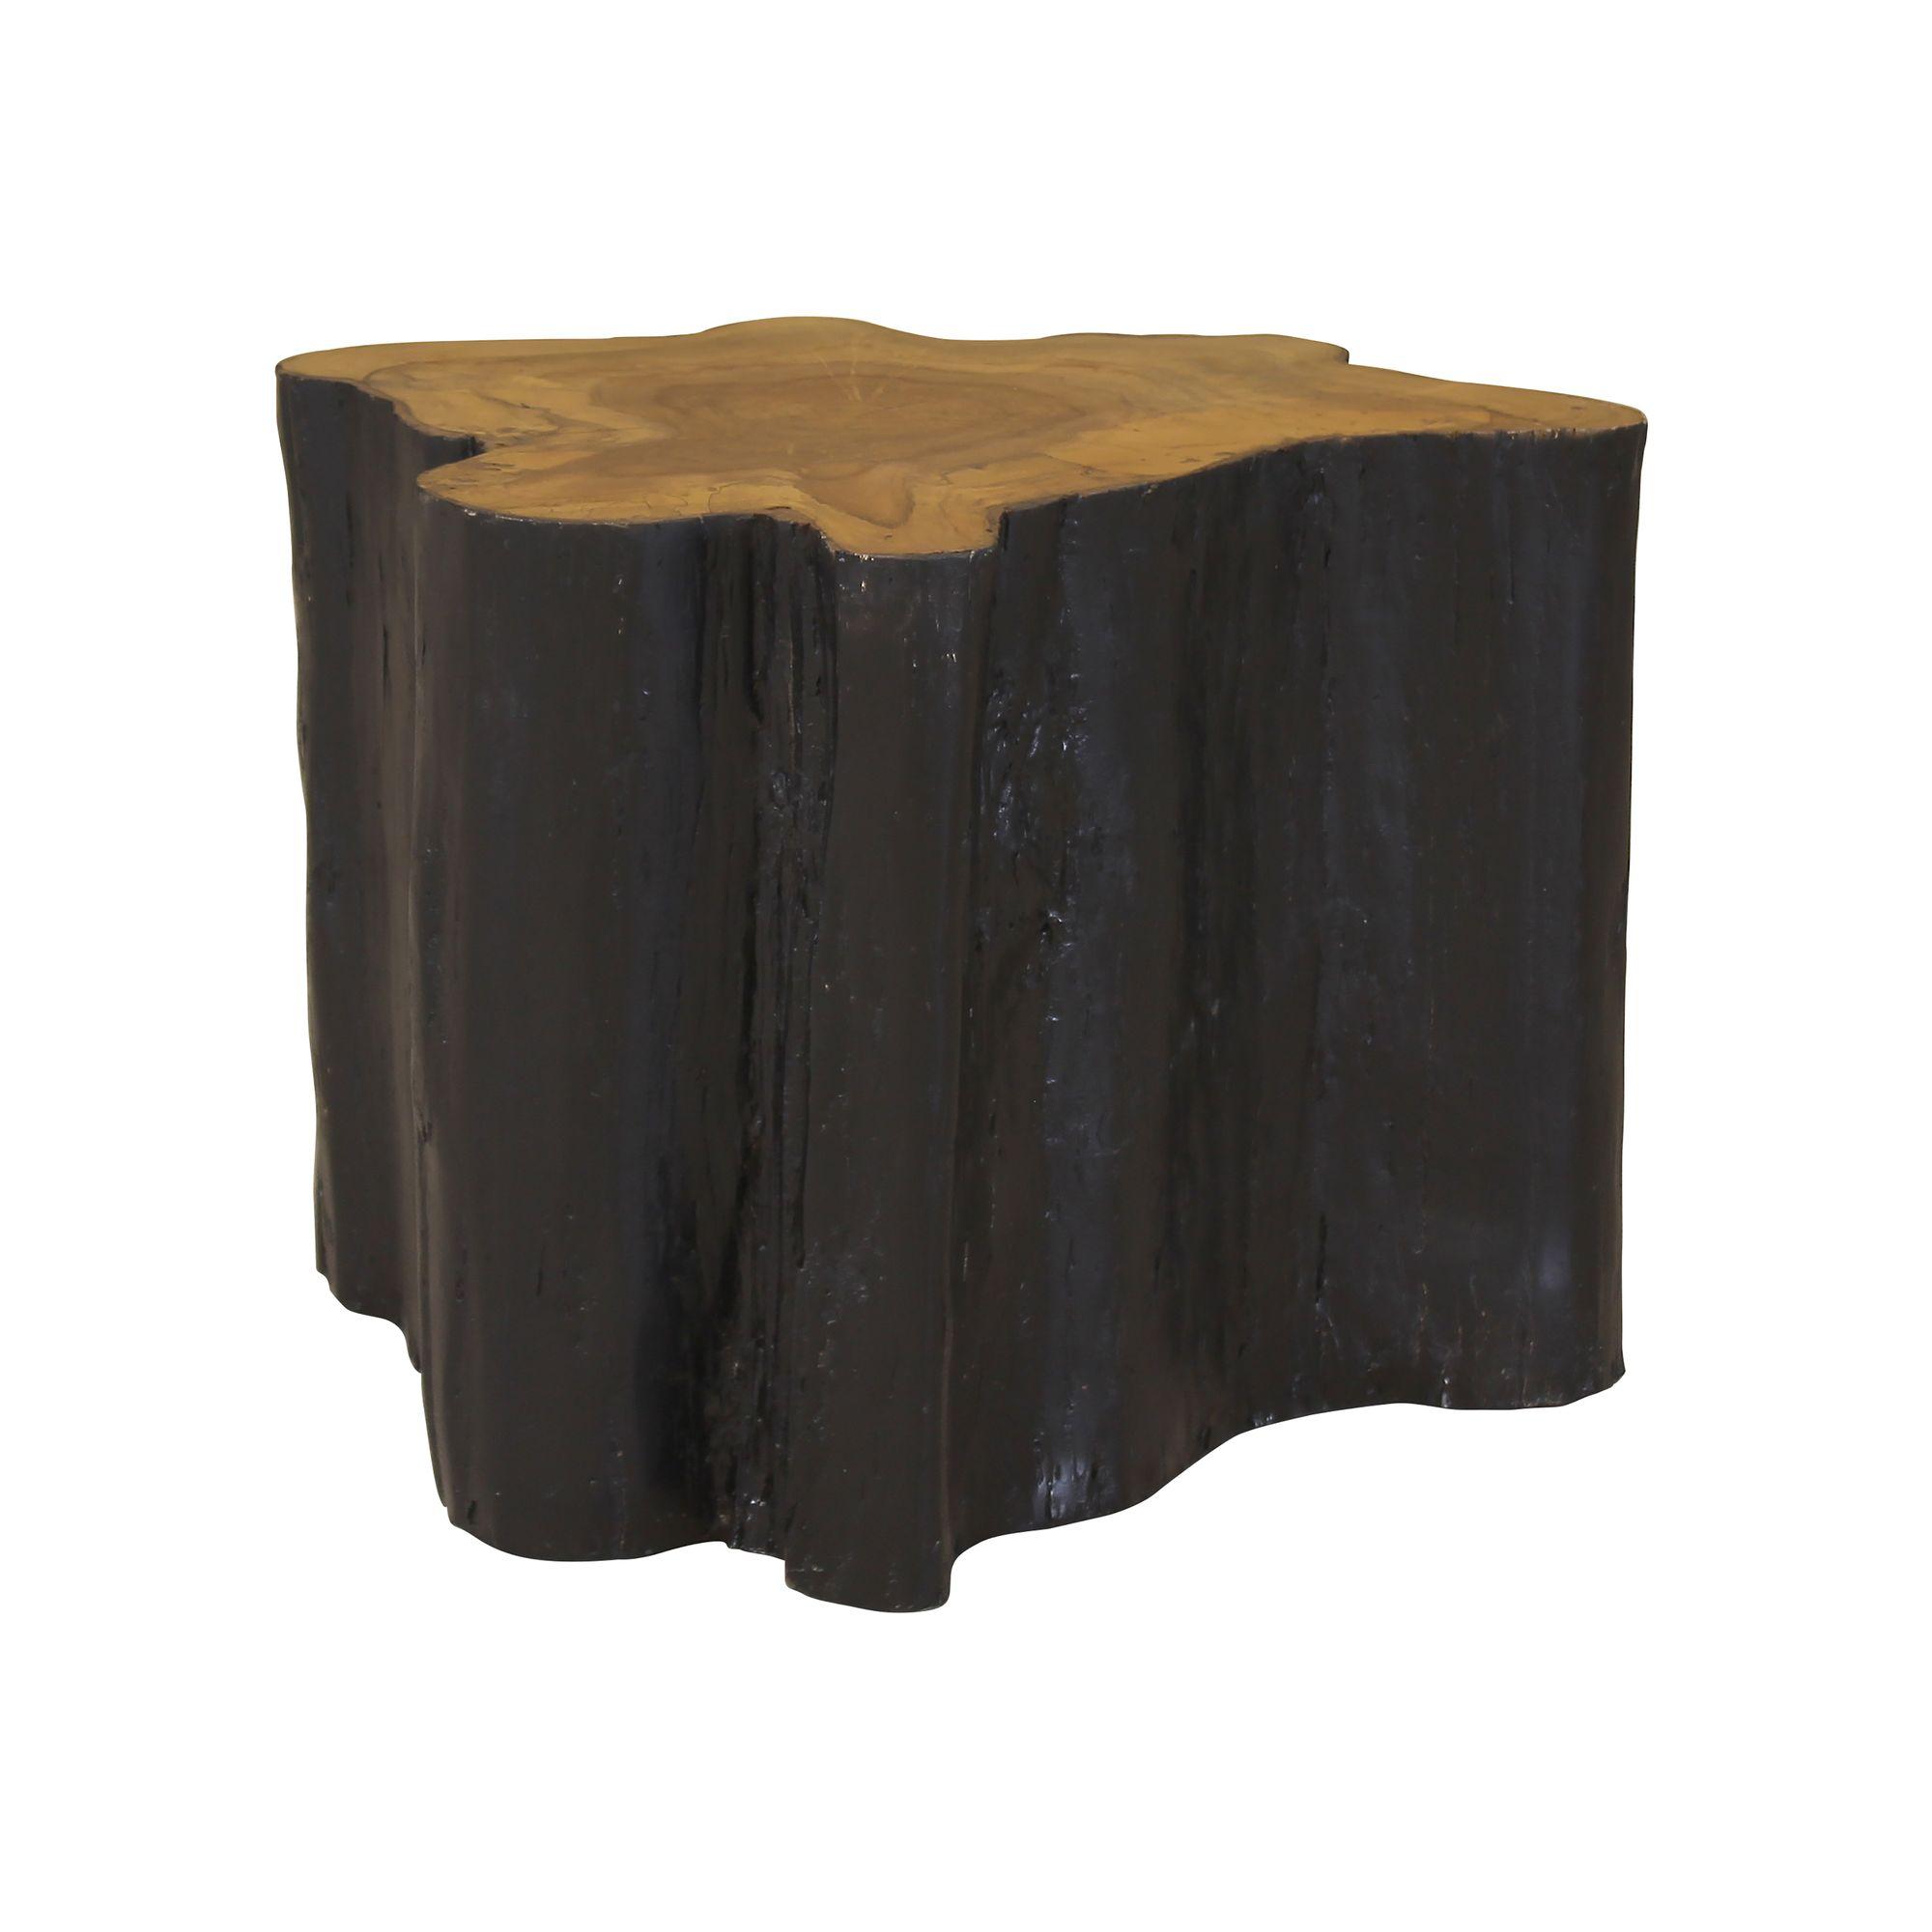 Bout de canapé en bois brûlé